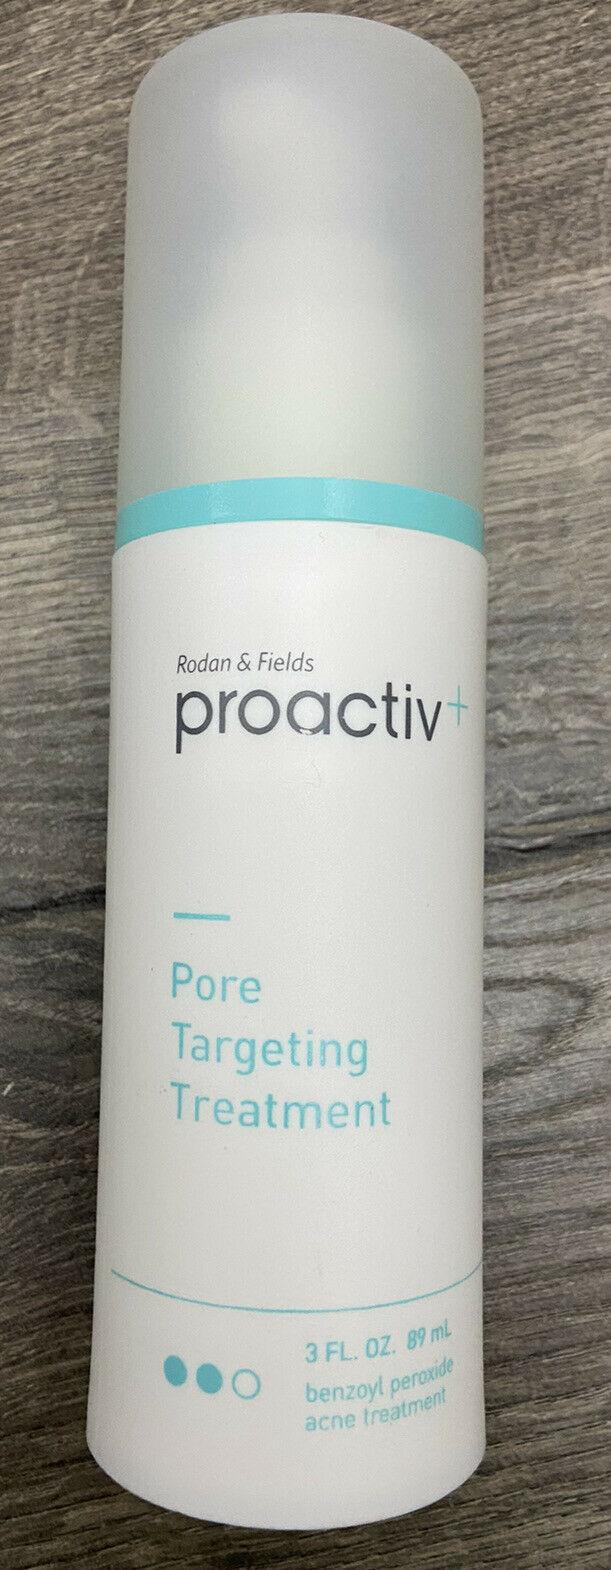 proactiv New Sealed Pore Targeting Treatment 3oz EXPIRED 04/2016 - $20.00